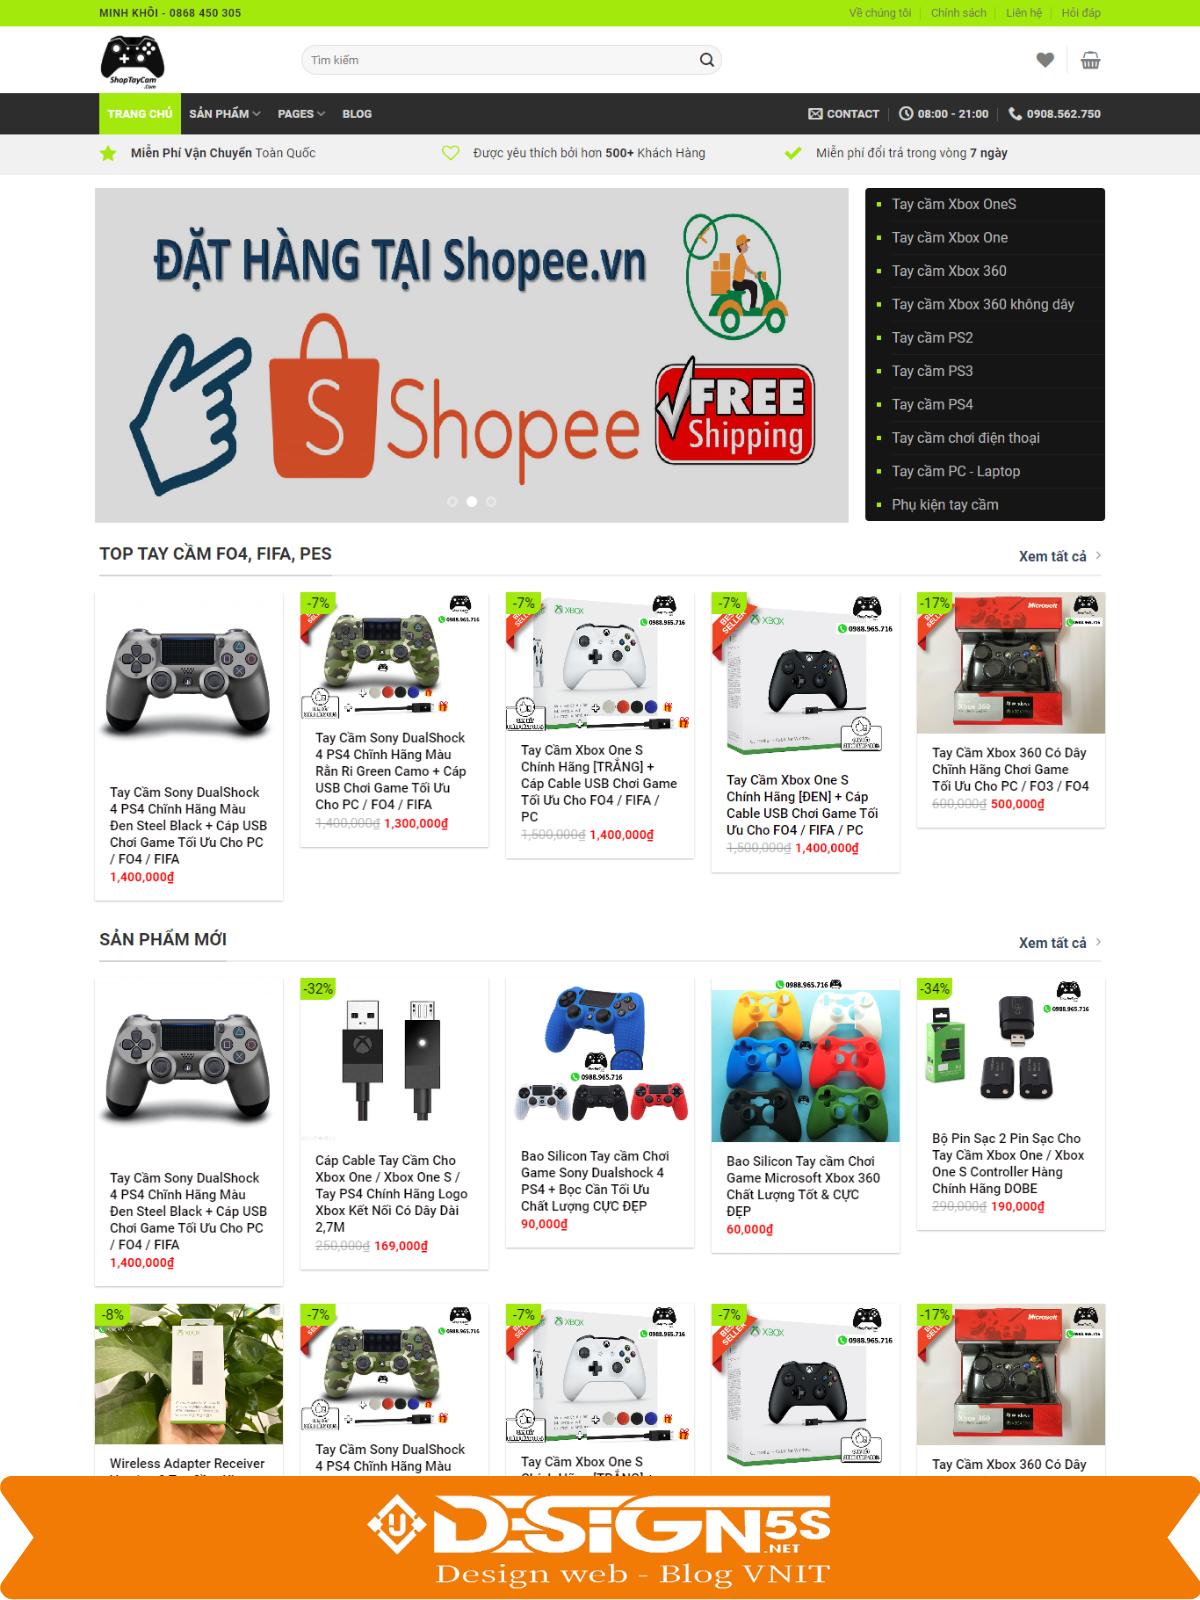 Mẫu Website bán hàng cao cấp ShopTayCam - Ảnh 1